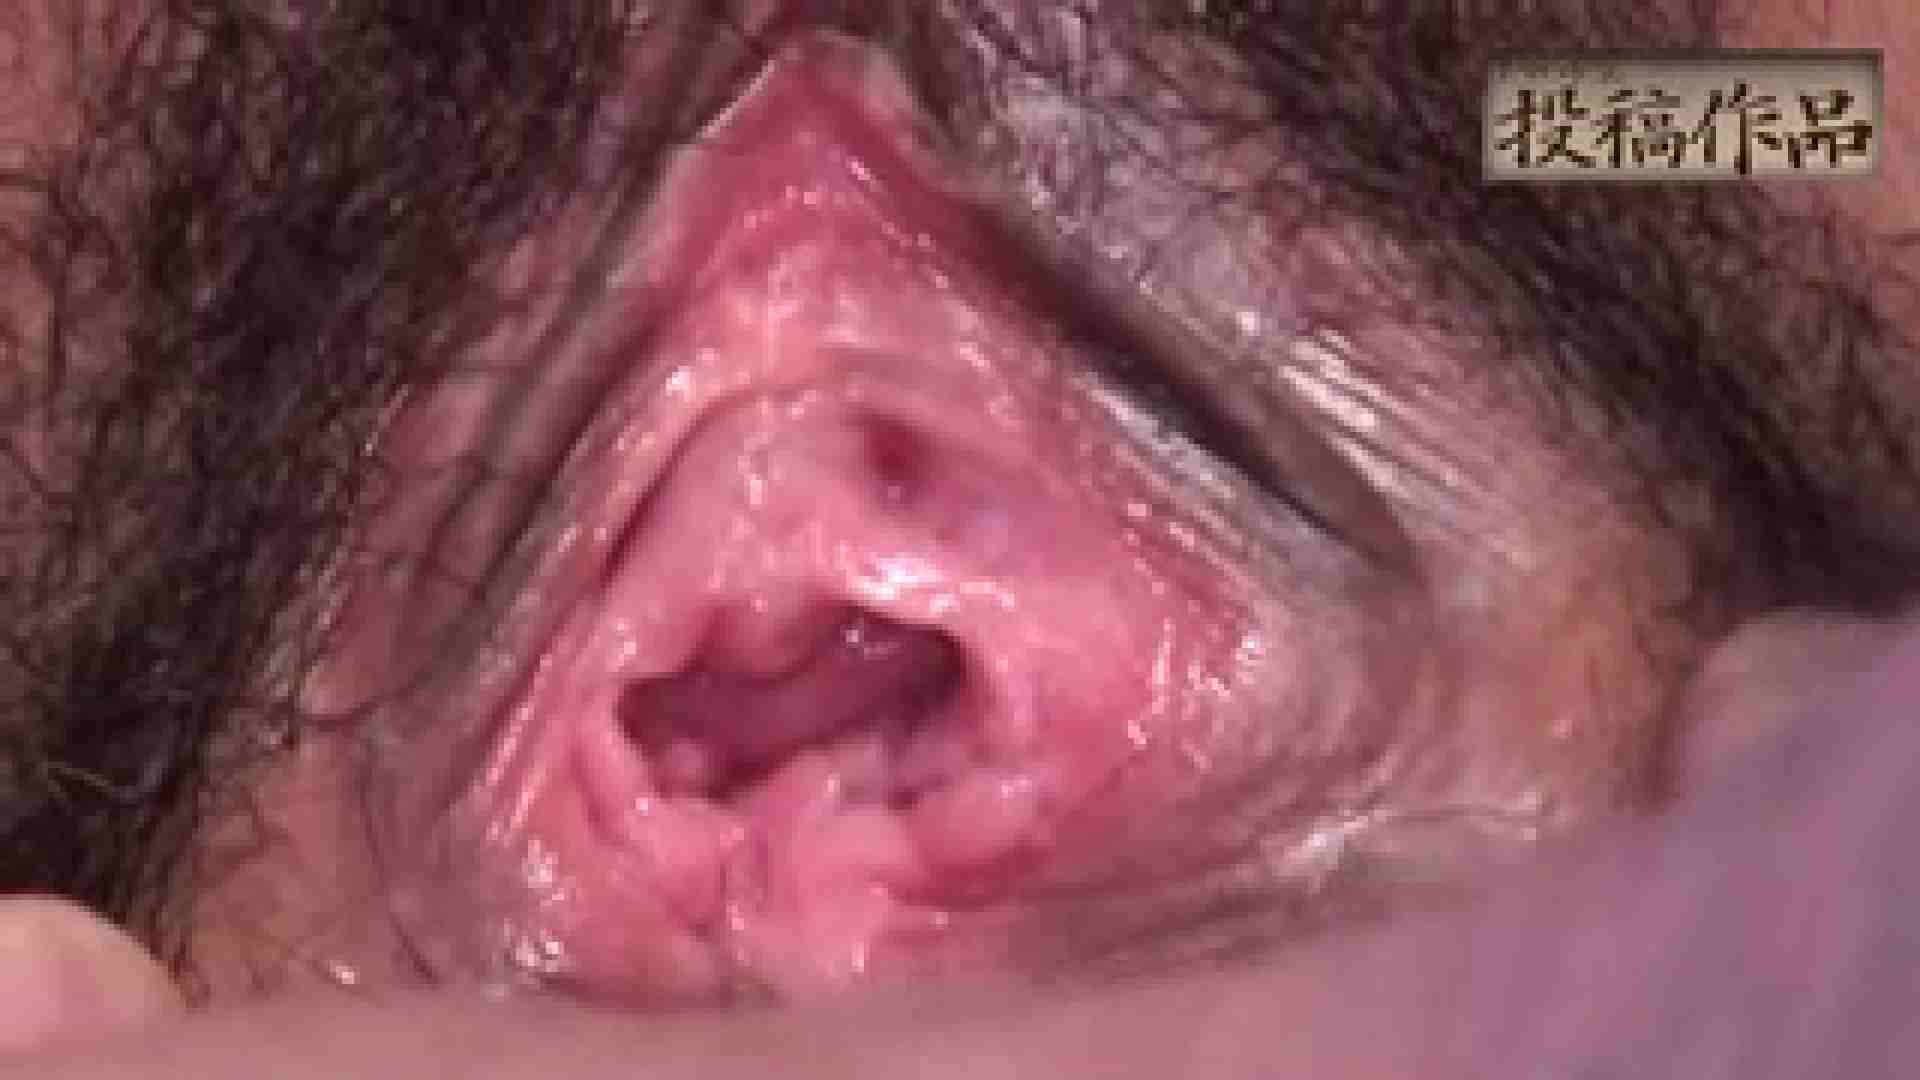 ナマハゲさんのまんこコレクション第3弾 chiri 美しいOLの裸体  83pic 52